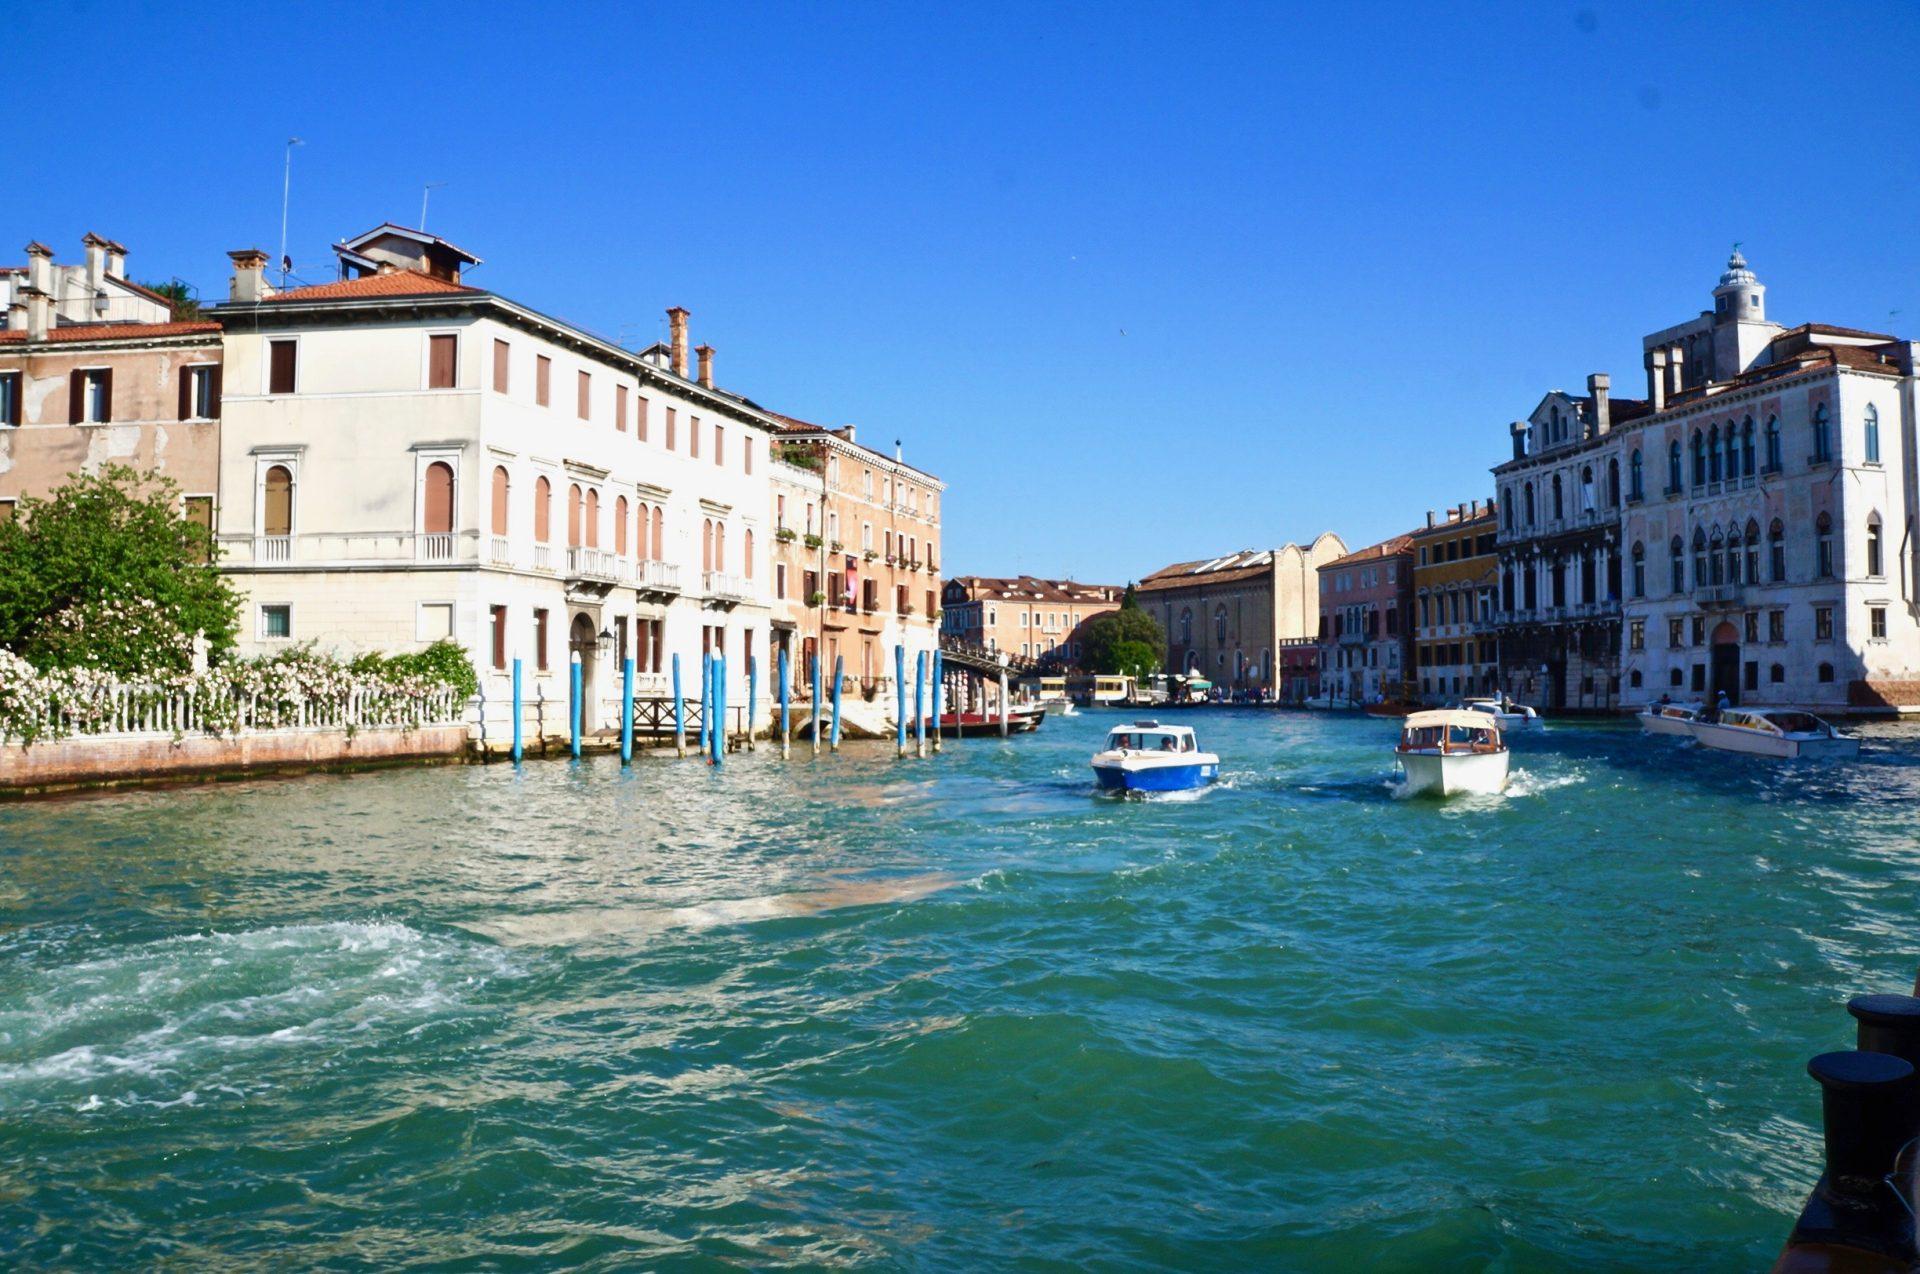 Nach Jahren wieder im schönen Venedig